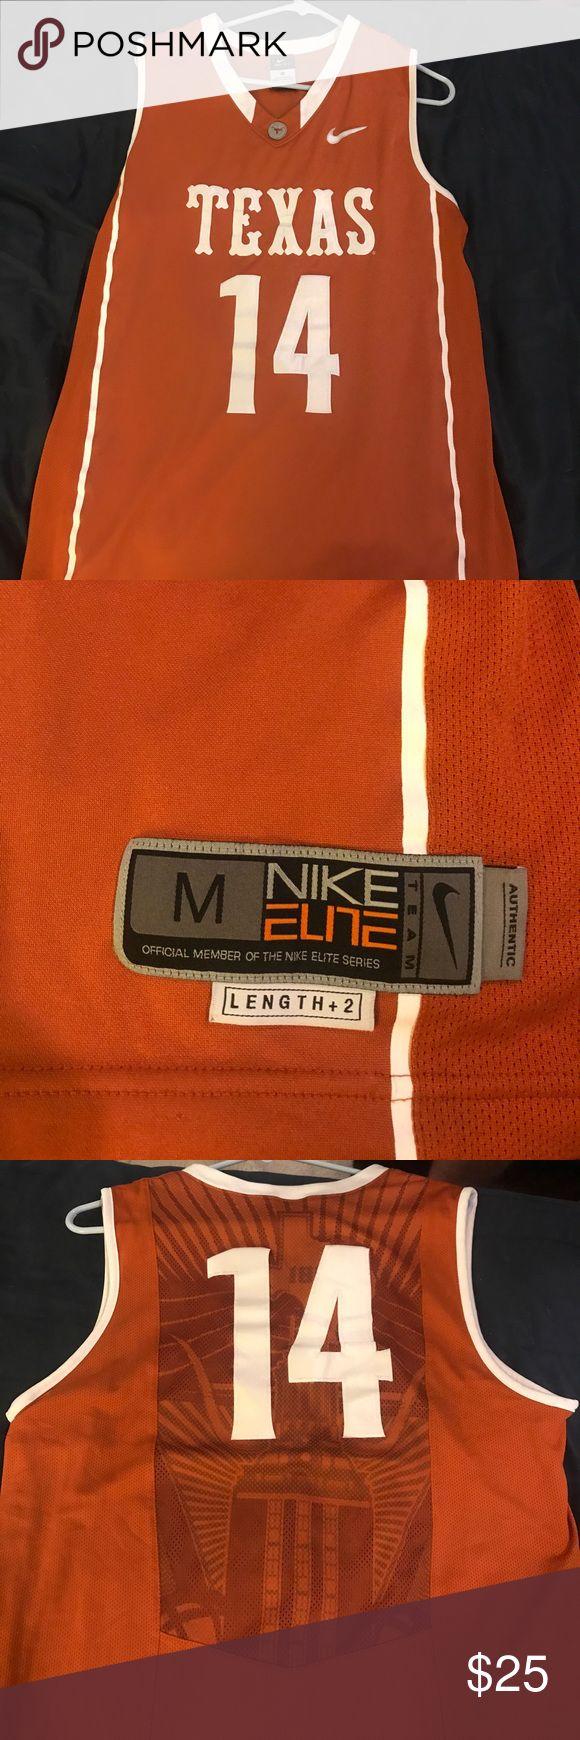 Nike Texas Longhorn Basketball Jersey Fully stitched, size Medium Nike Shirts